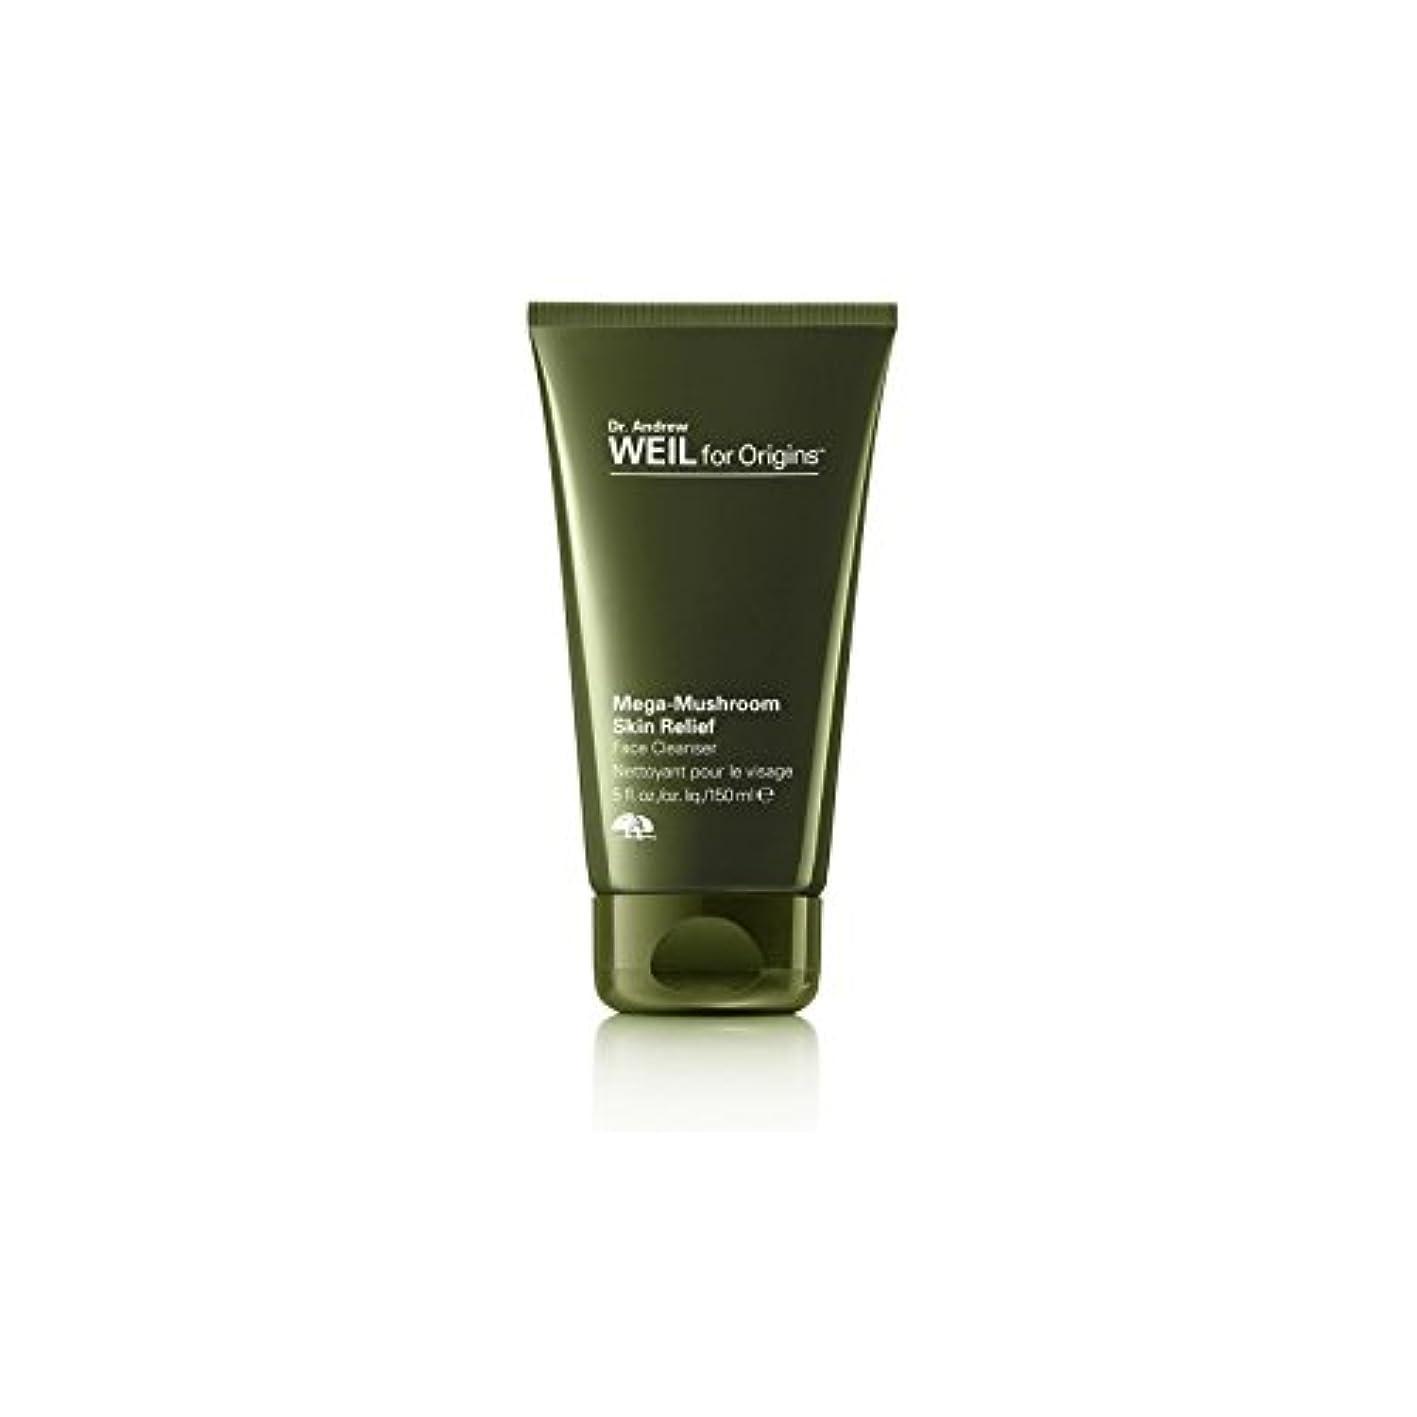 準備したスプリット針Origins Dr. Andrew Weil For Origins Mega-Mushroom Skin Relief Face Cleanser 150ml - 起源アンドルー?ワイル起源メガキノコ皮膚救済顔クレンザー150ミリリットルのために [並行輸入品]